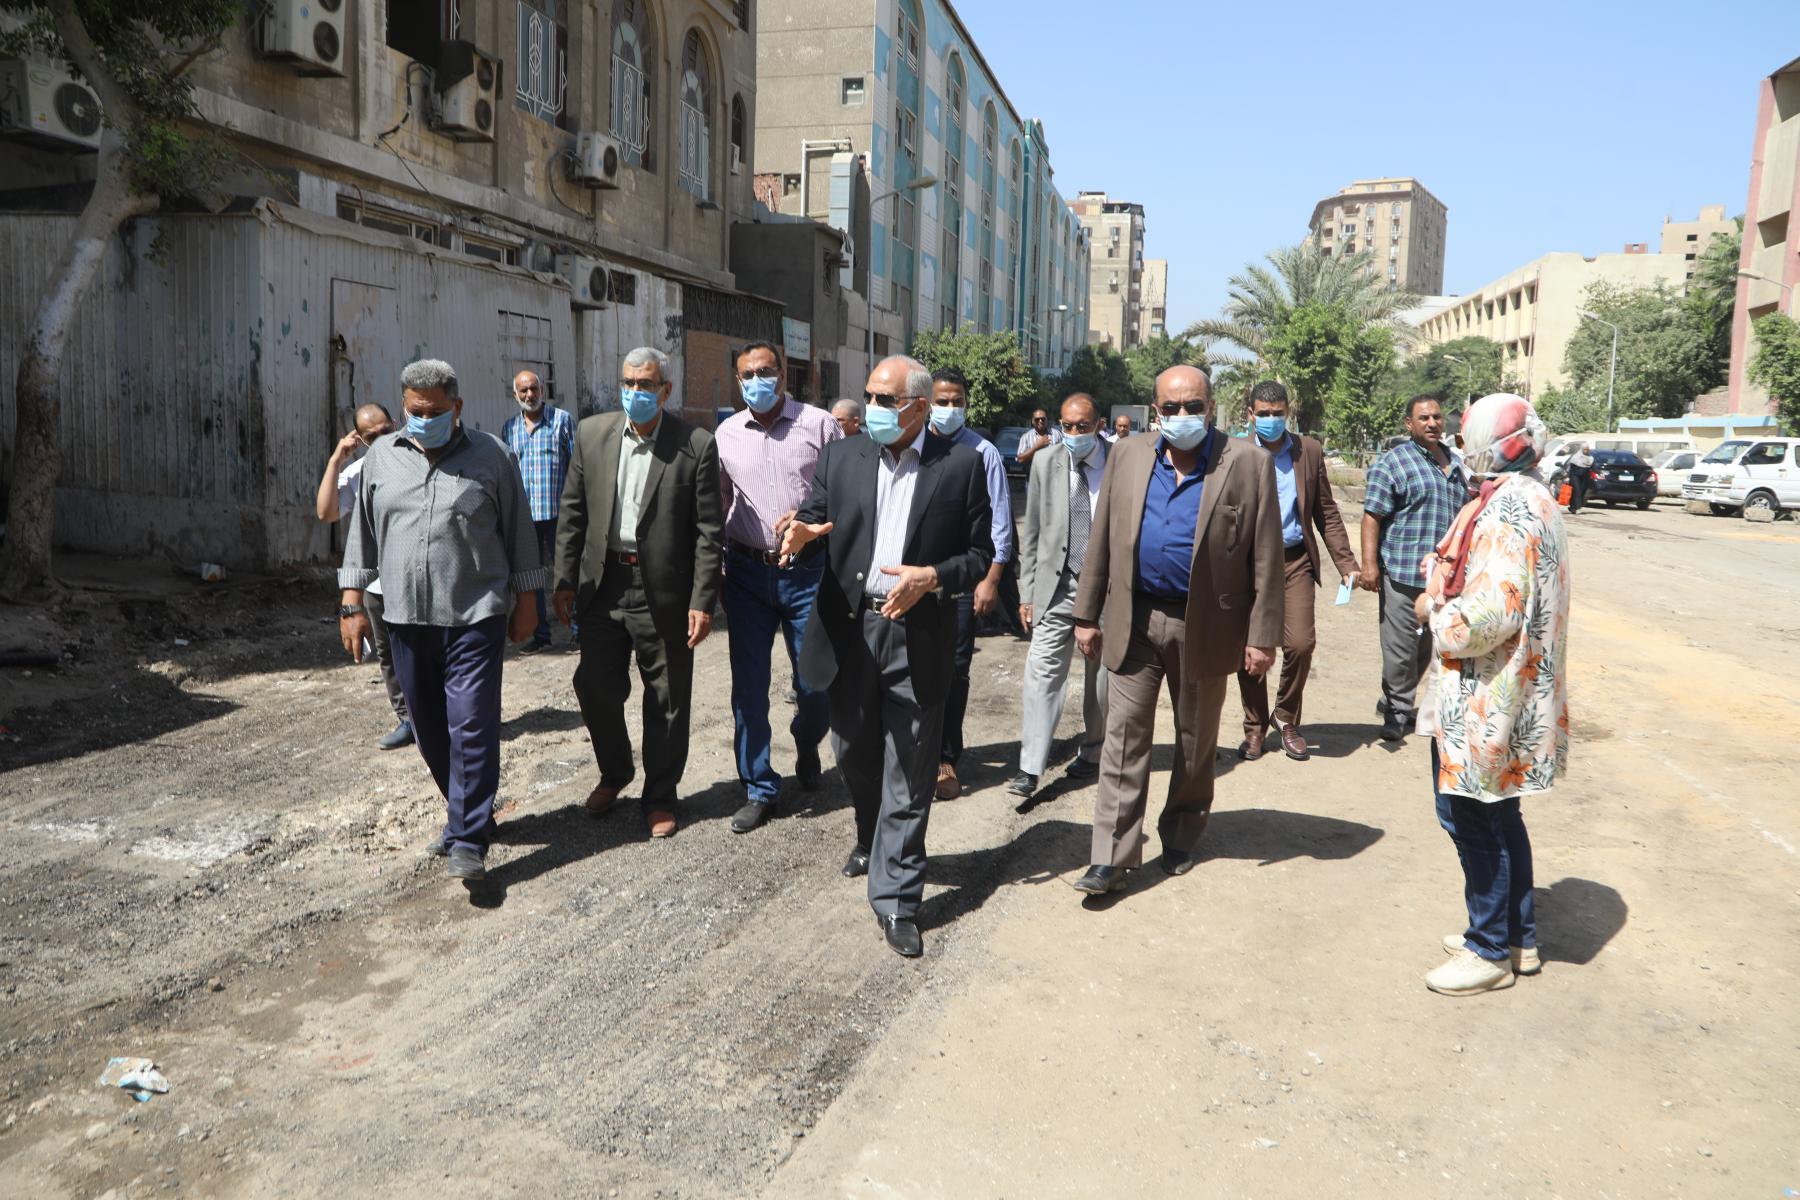 اللواء أحمد راشد محافظ الجيزة يتابع حالة النظافة بالشوارع (2)